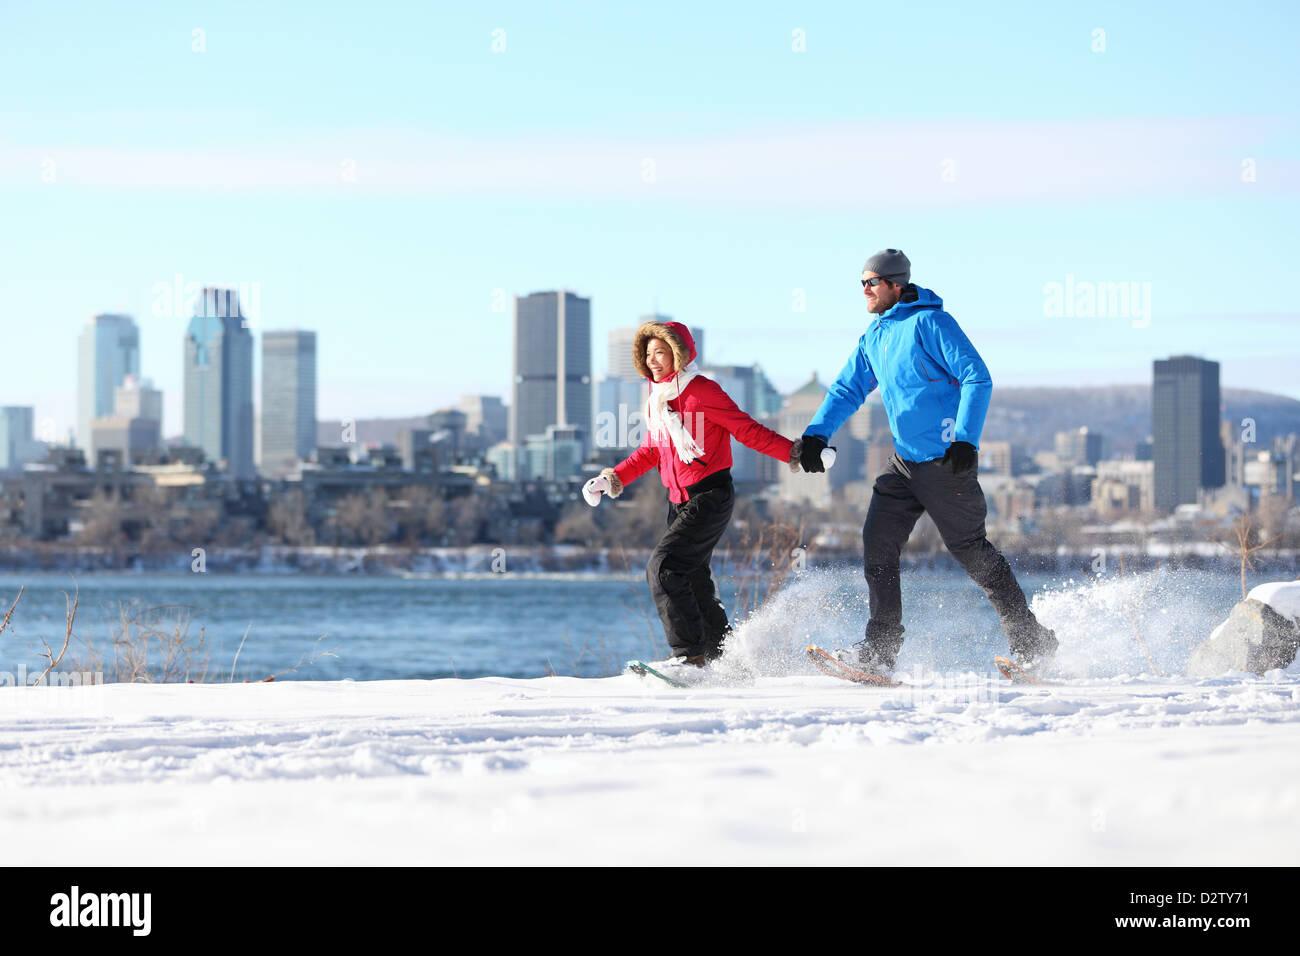 Heureux couple raquette à Montréal avec des toits de la ville et la rivière st. Lawrence en arrière Photo Stock